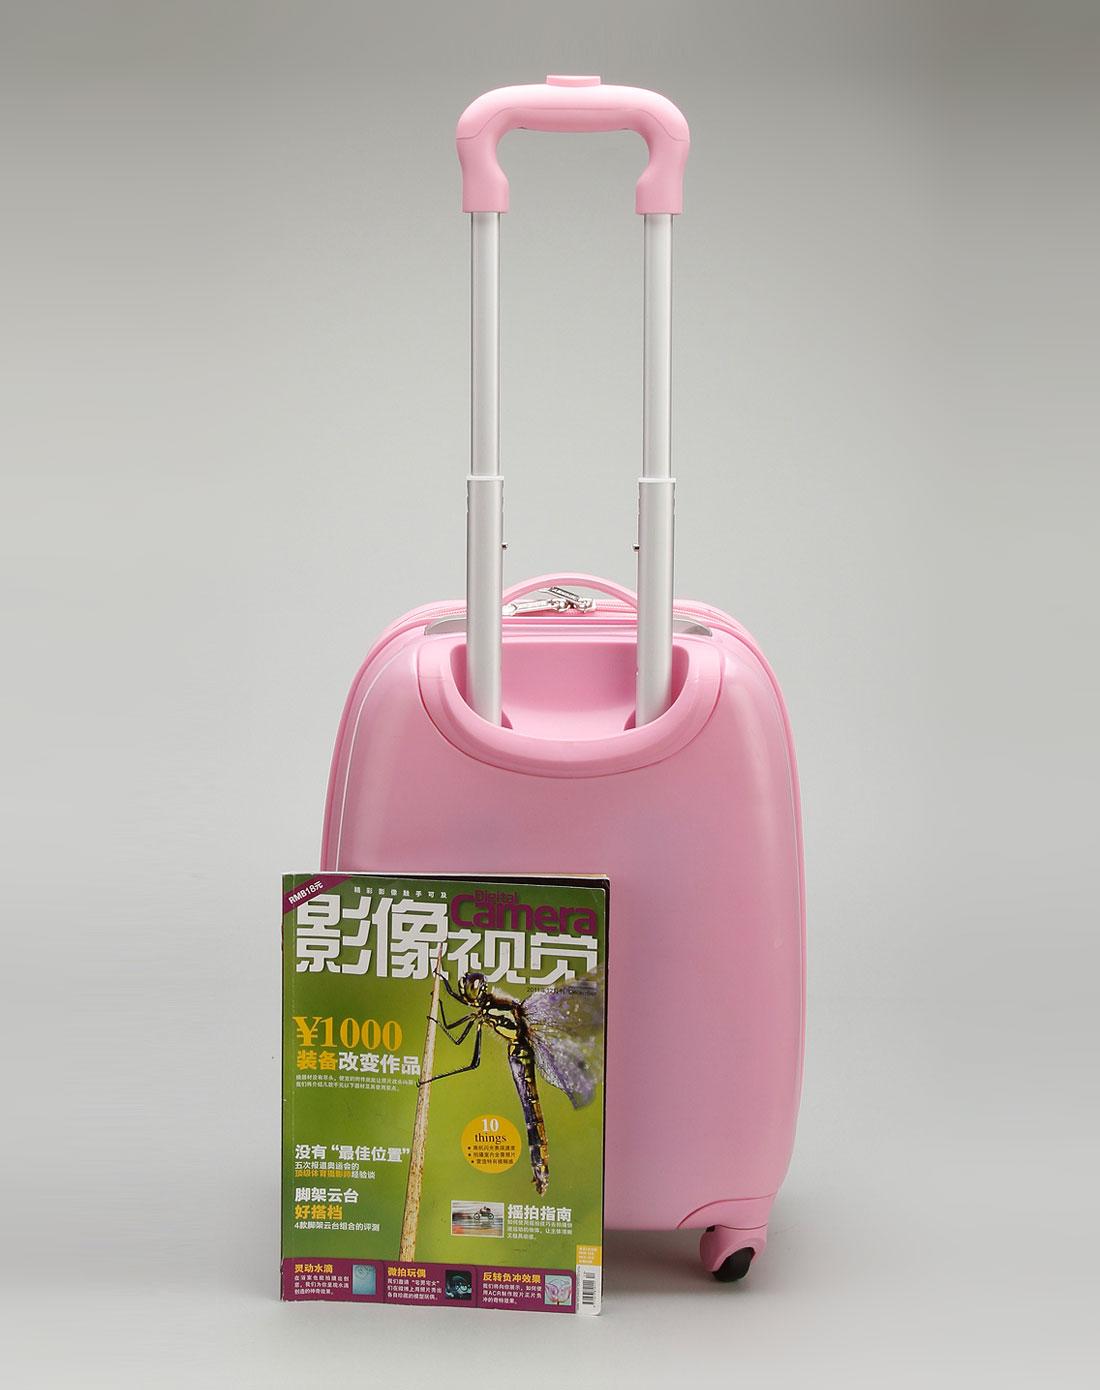 迪士尼disney儿童用品专场女童粉红色16寸蛋壳拉杆箱